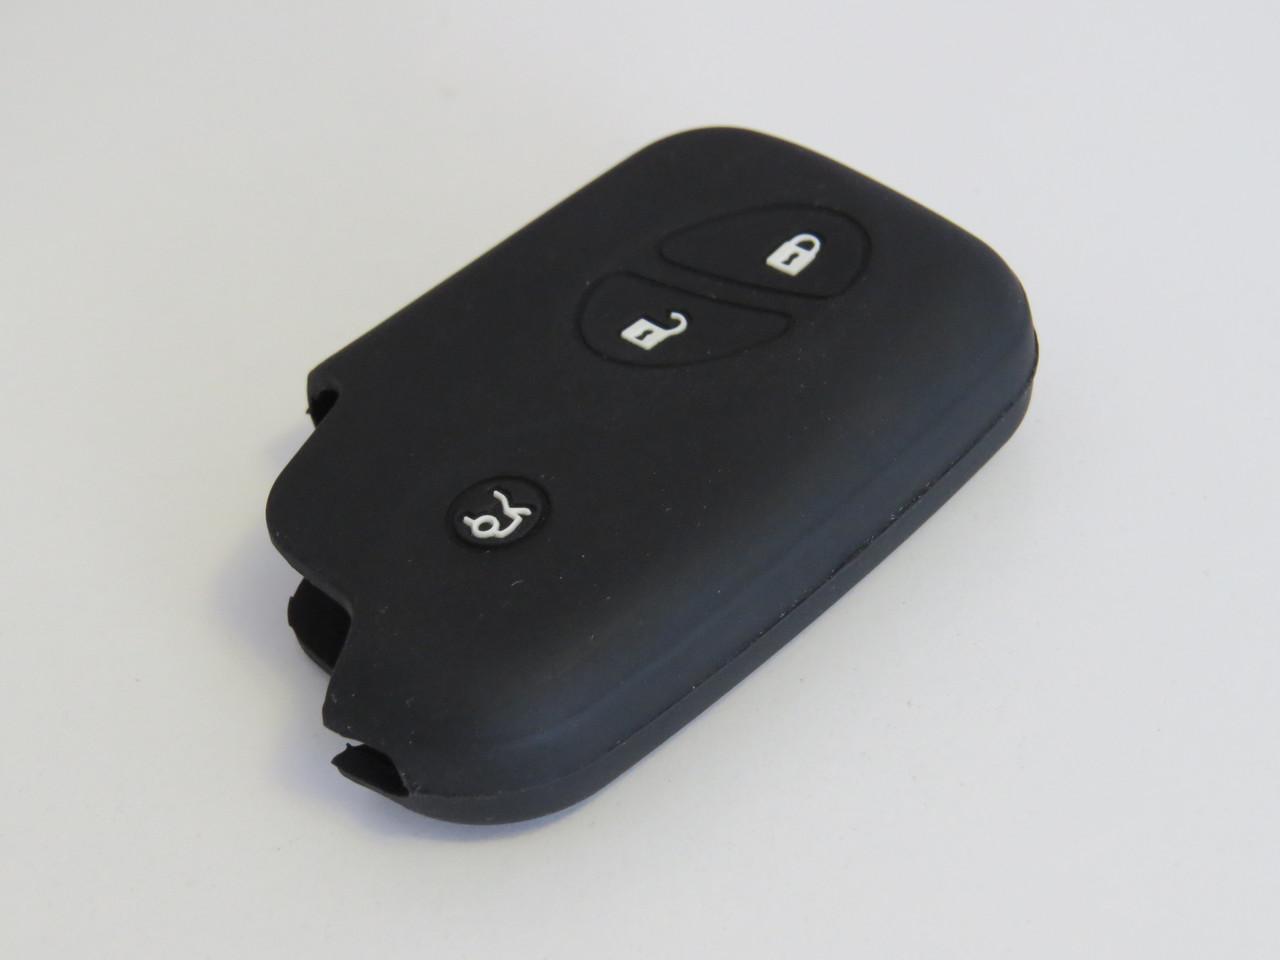 Чехол силиконовый для ключа зажигания Lexus V2. Чехольчик для ключа Лексус